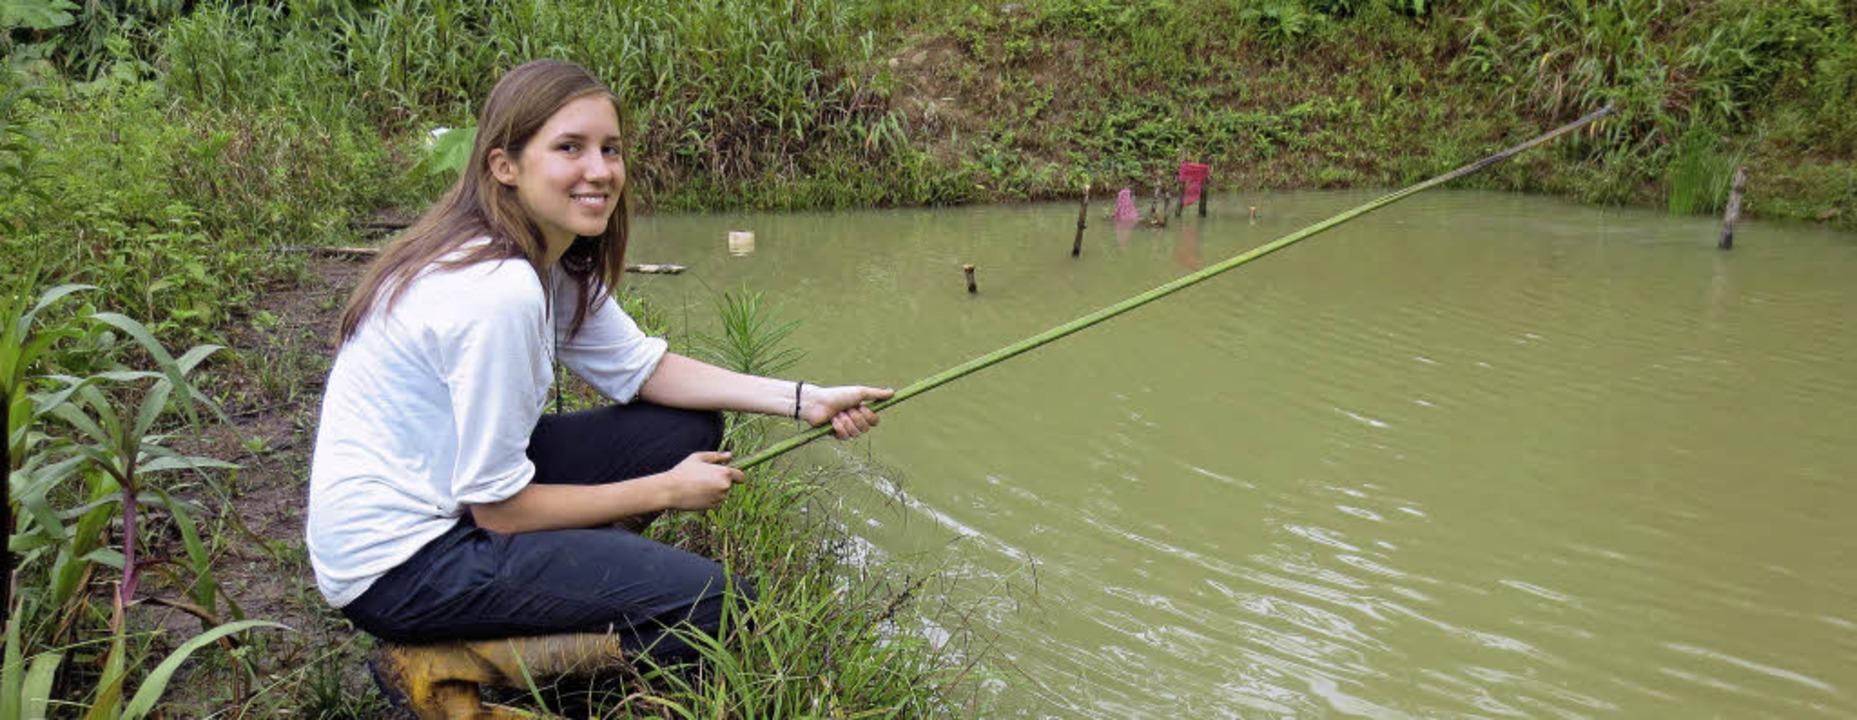 Angelruten aus Carbon gibt es im Dschu...ichen, um den Fang an Land zu ziehen.   | Foto: Groschupp